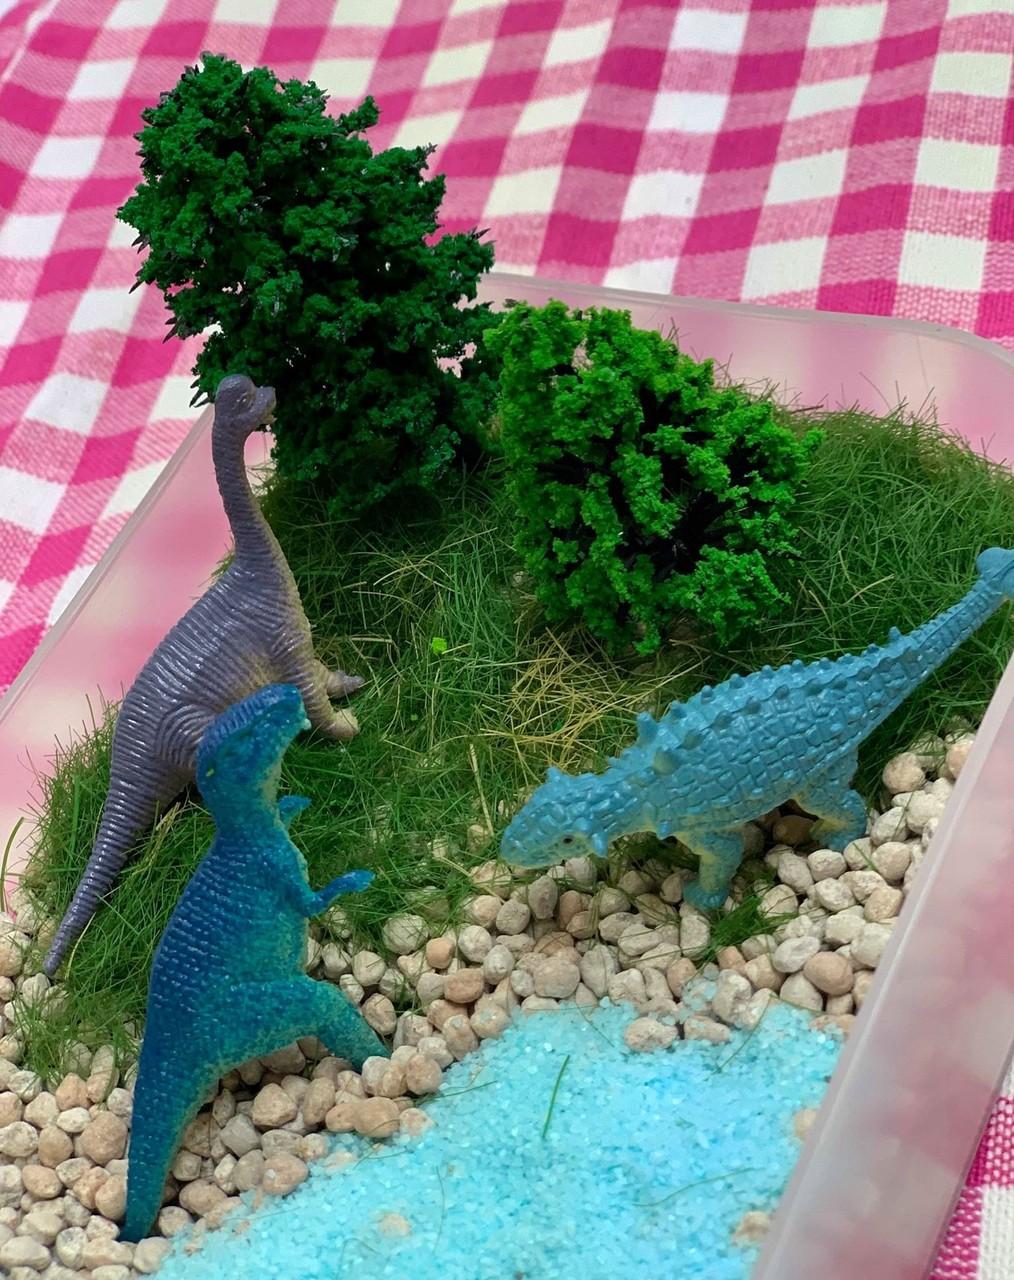 【小平】小平☆おやこハンドメイドマルシェ~③恐竜の箱庭(ドラリウム)作り~|2019年9月8日(日)